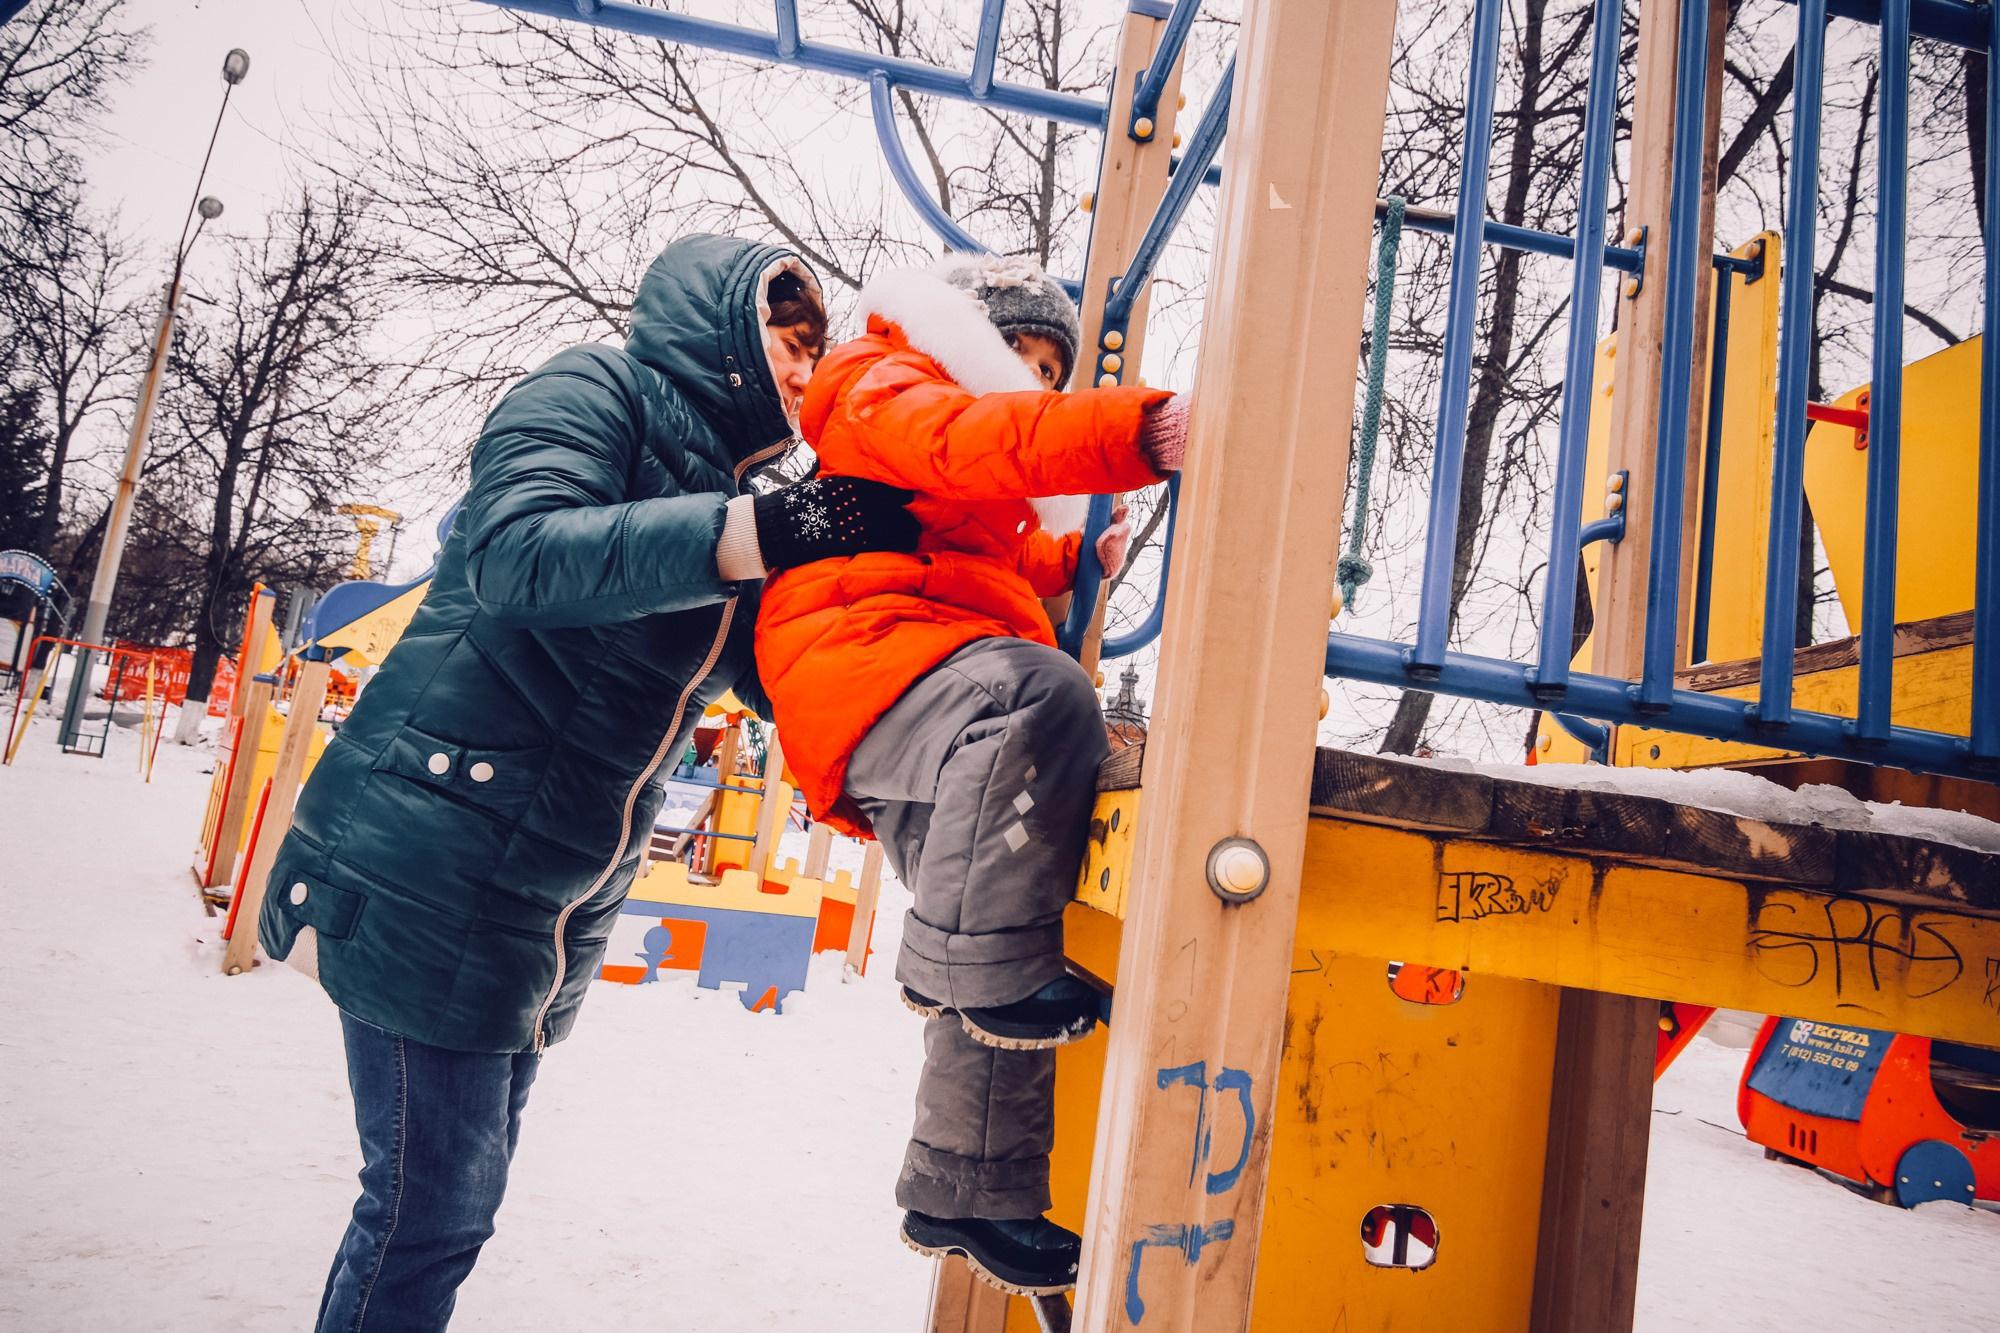 Появились проекты будущих детских площадок в Кирово-Чепецке